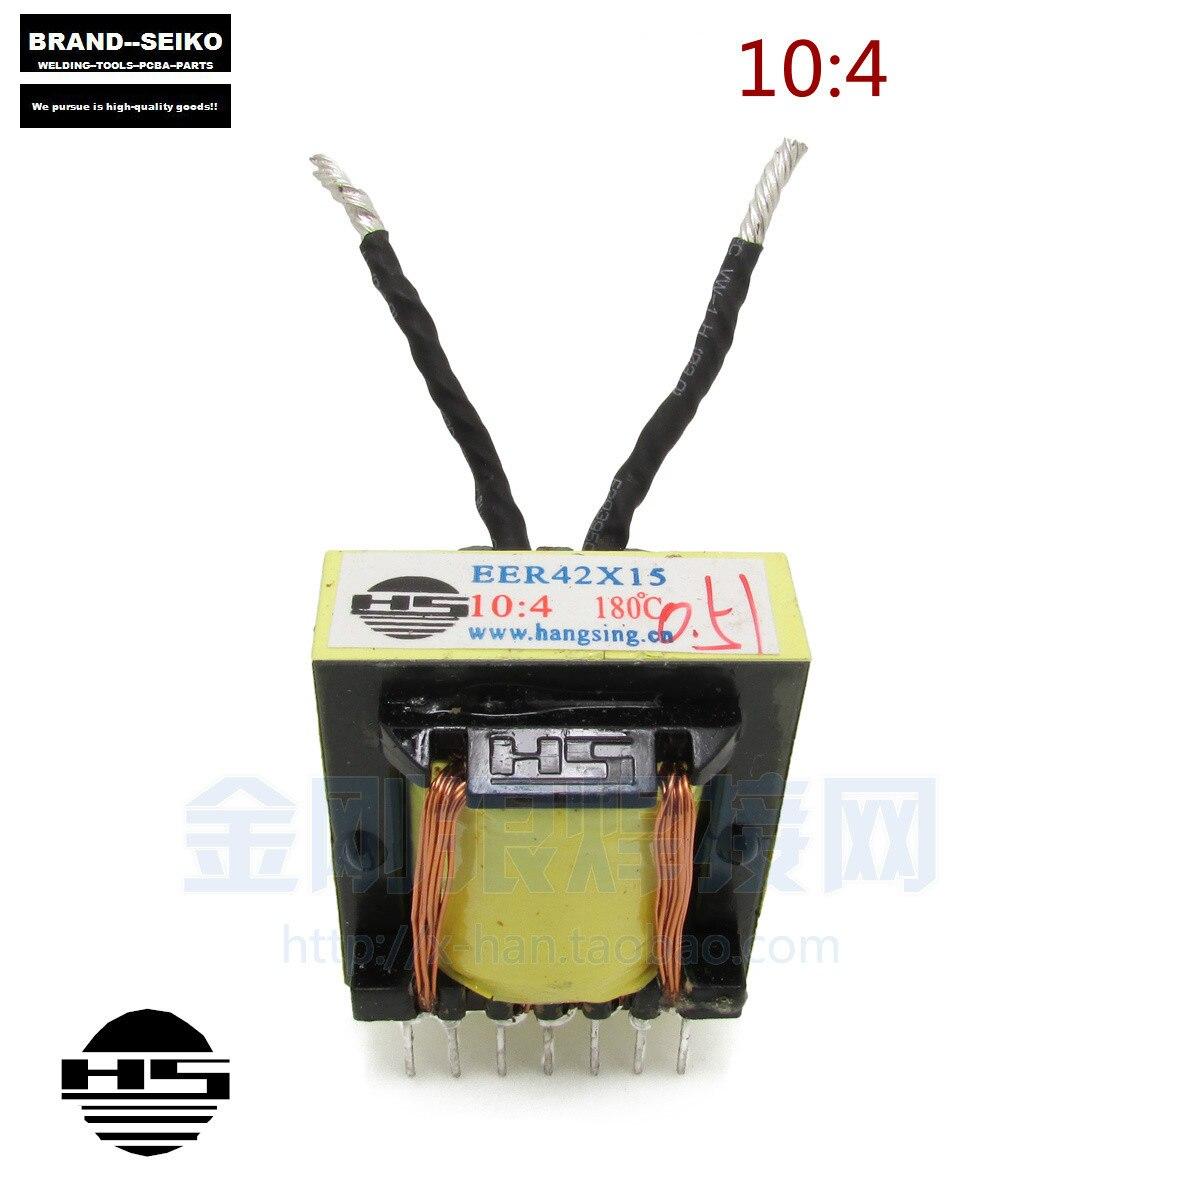 Inverter Welding Machine 10:4 2pcs/lot Board Transformer Eer42x15 Compatible Eer43x15<br><br>Aliexpress